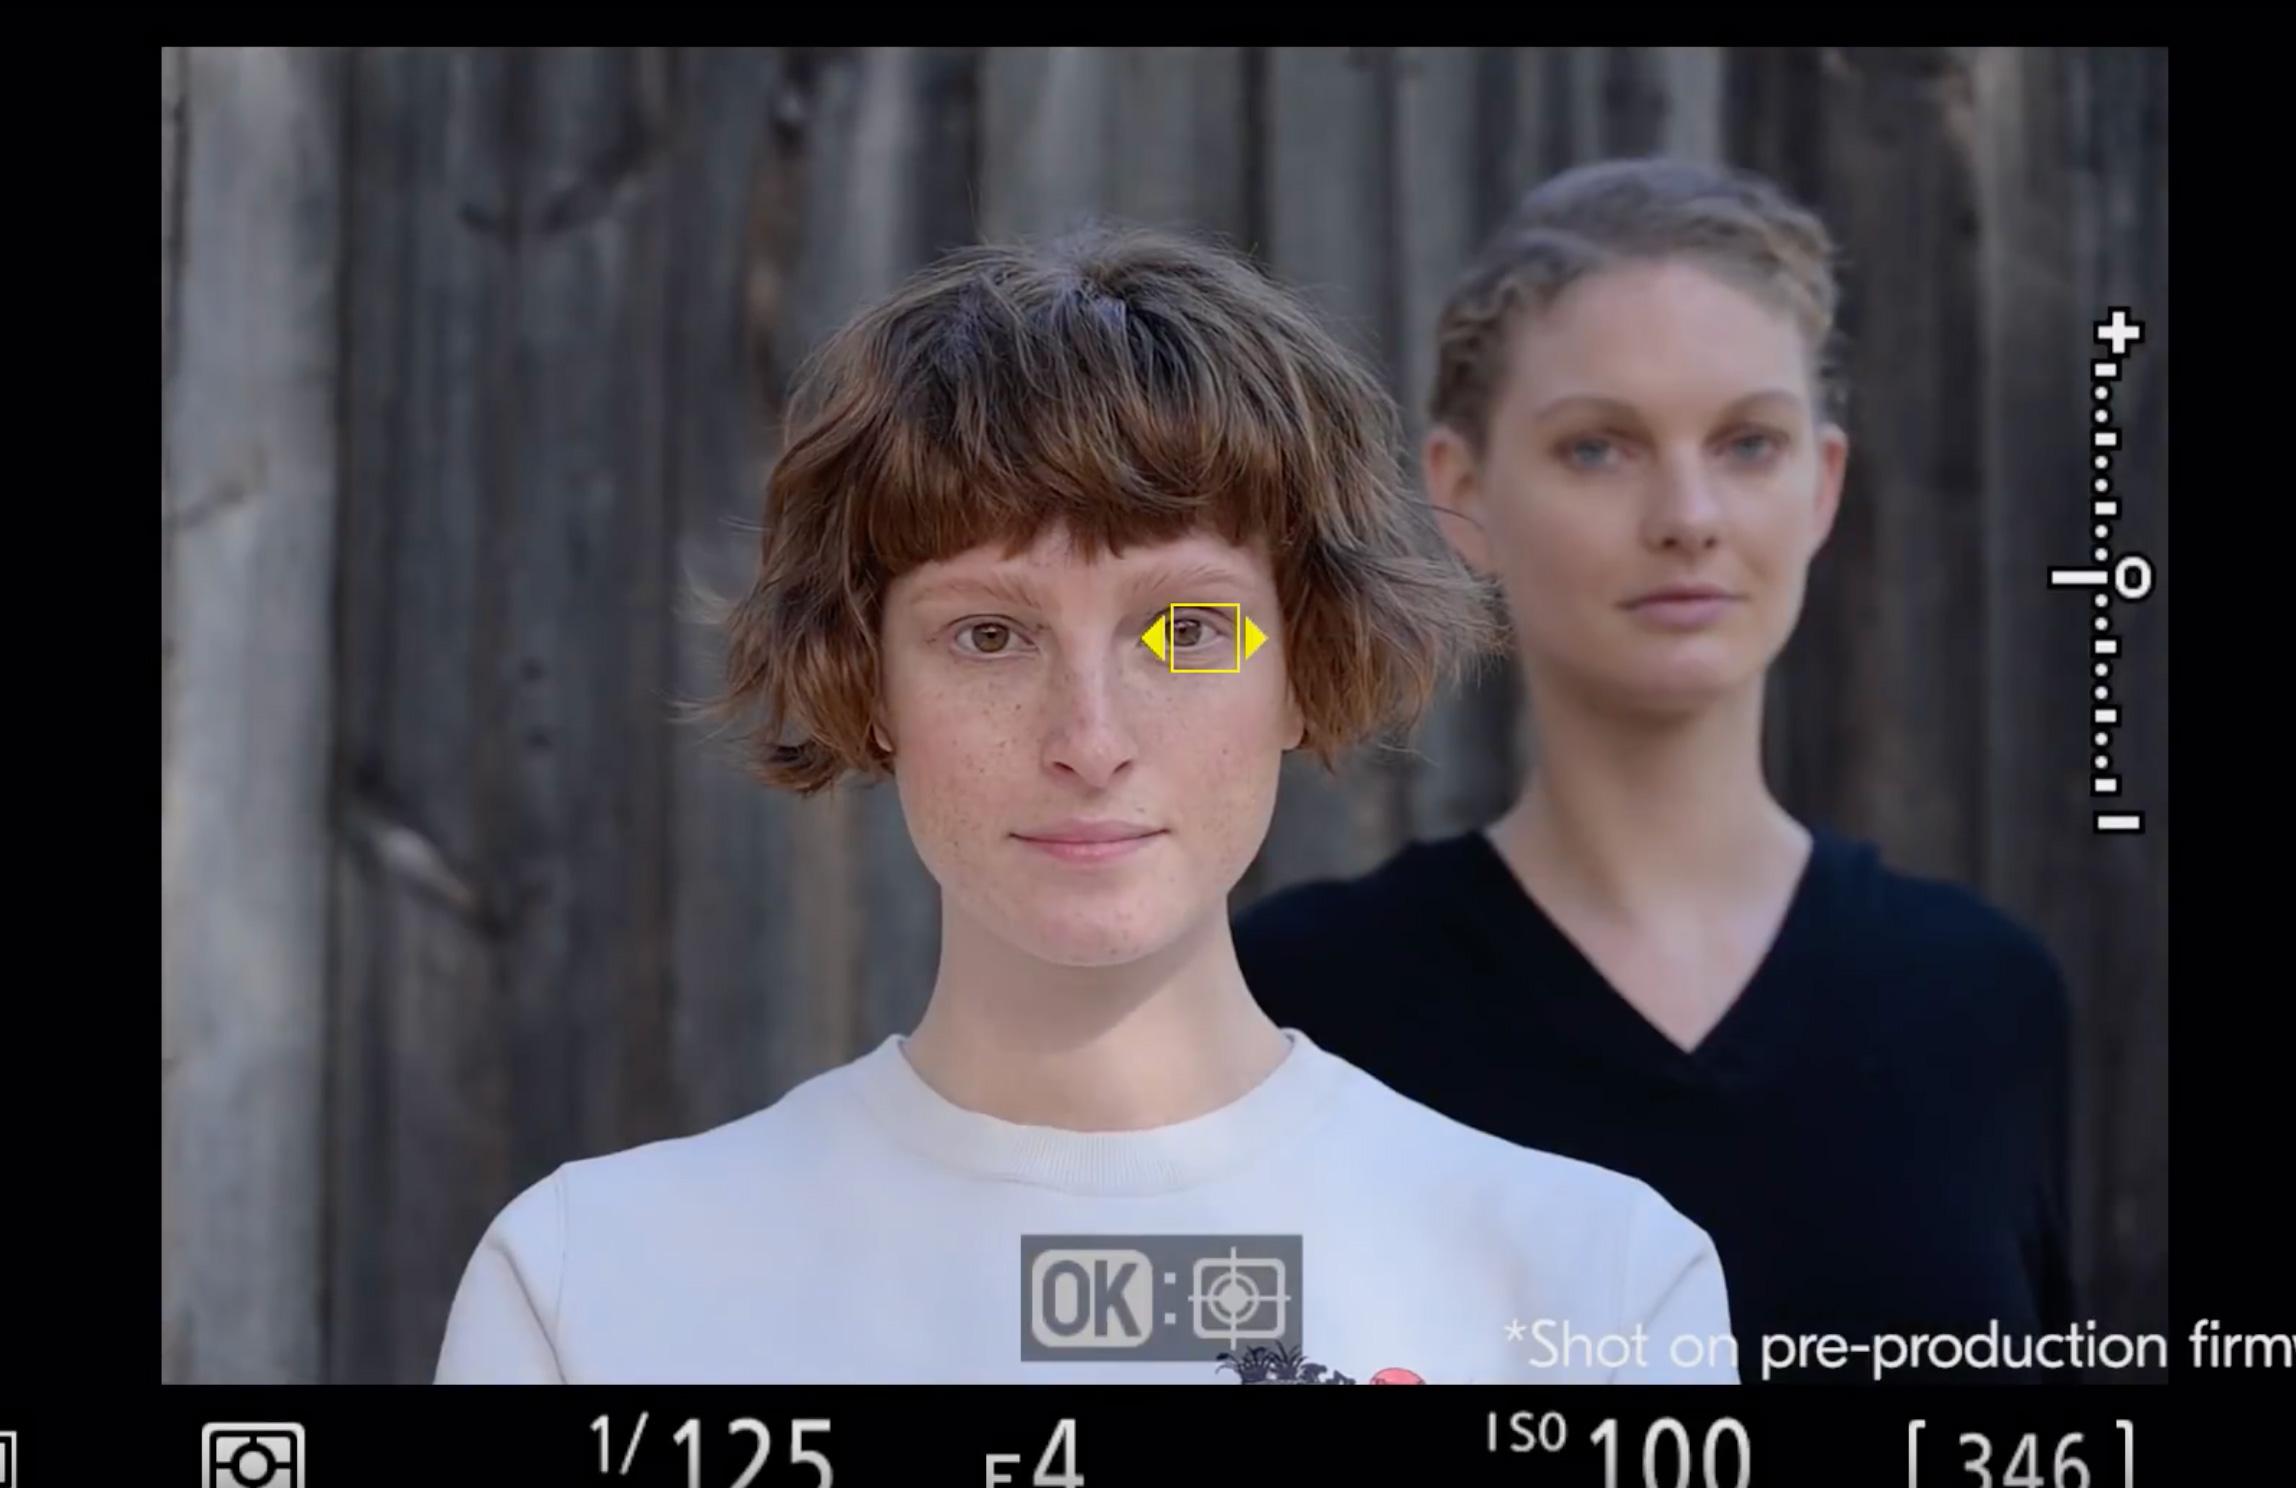 Nikon Z6 ja Z7 hübriidkaamerad saavad silmatuvastusega autofookuse, RAW video ja CFexpress mälukaartide toe